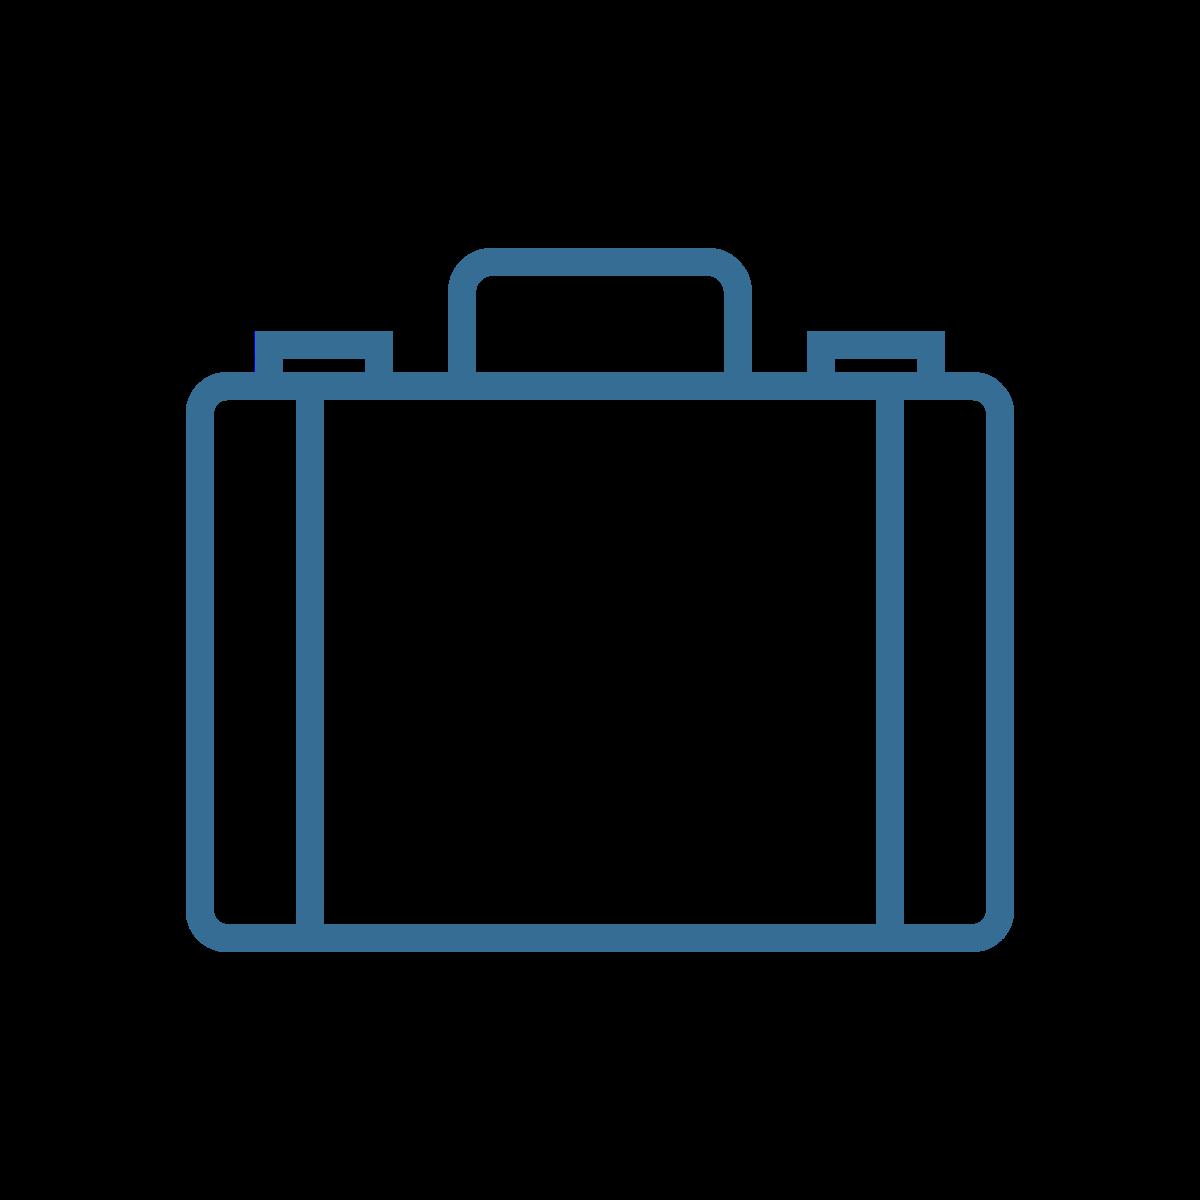 noun_Briefcase_325392 (1).png